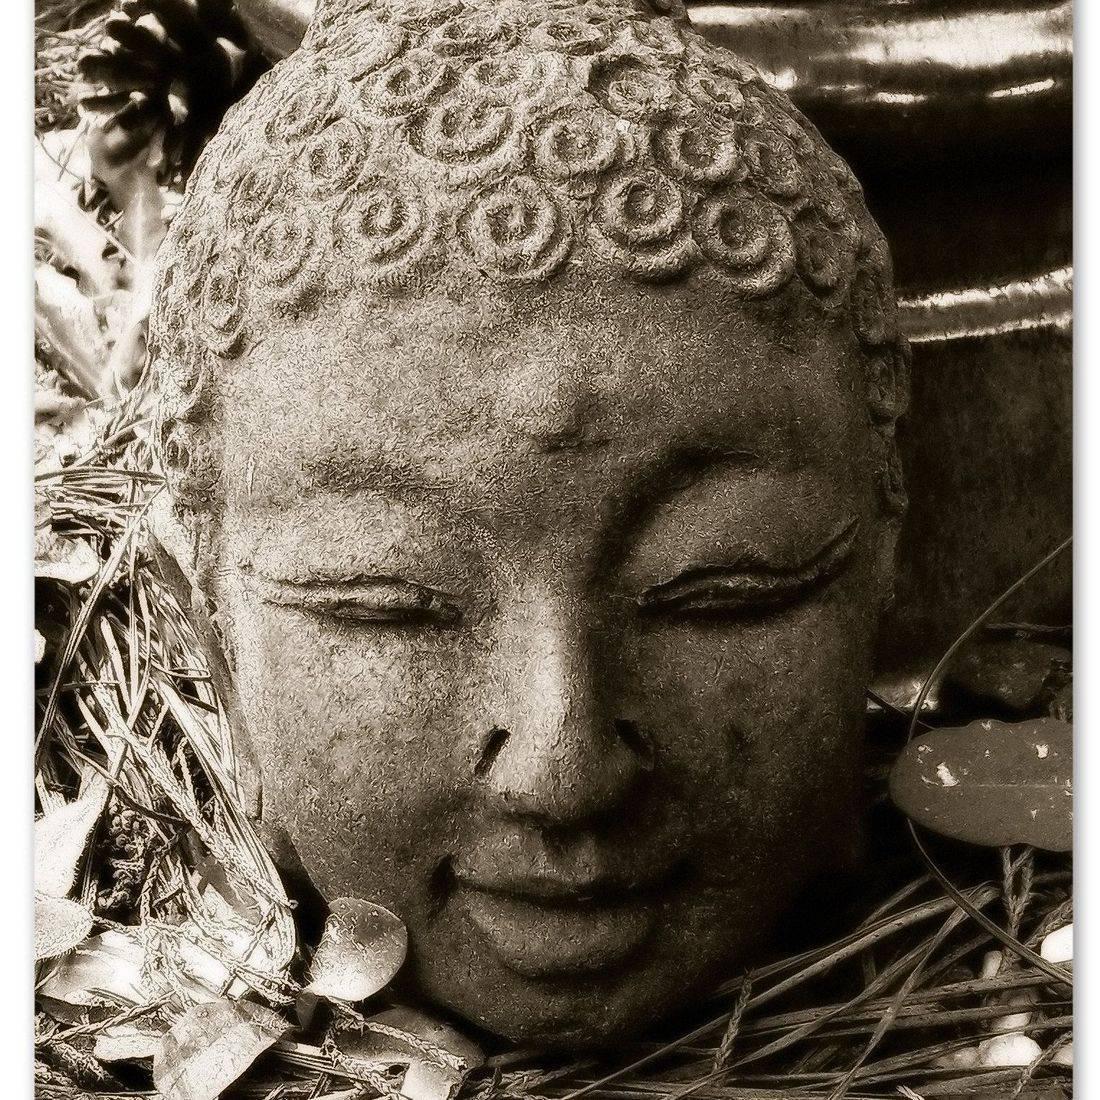 Buddha, Stone, Garden, Serene, Face